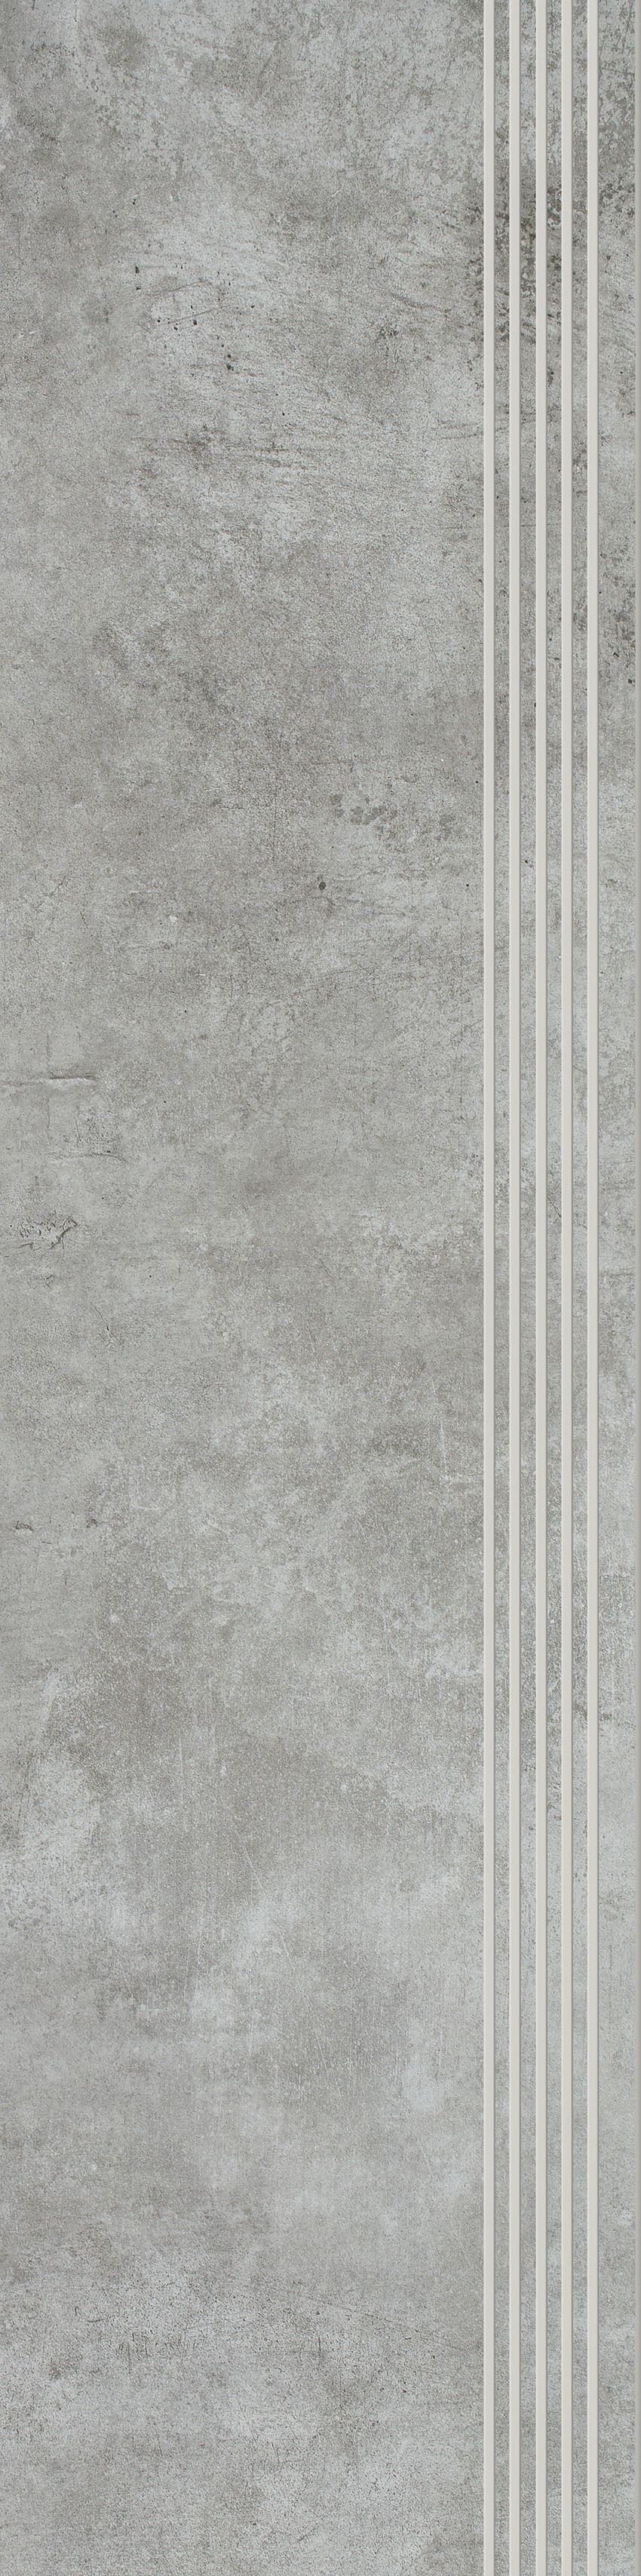 Płytka stopnicowa 29,8x119,8 cm Paradyż Scratch Grys Stopnica Prosta Nacinana Mat.